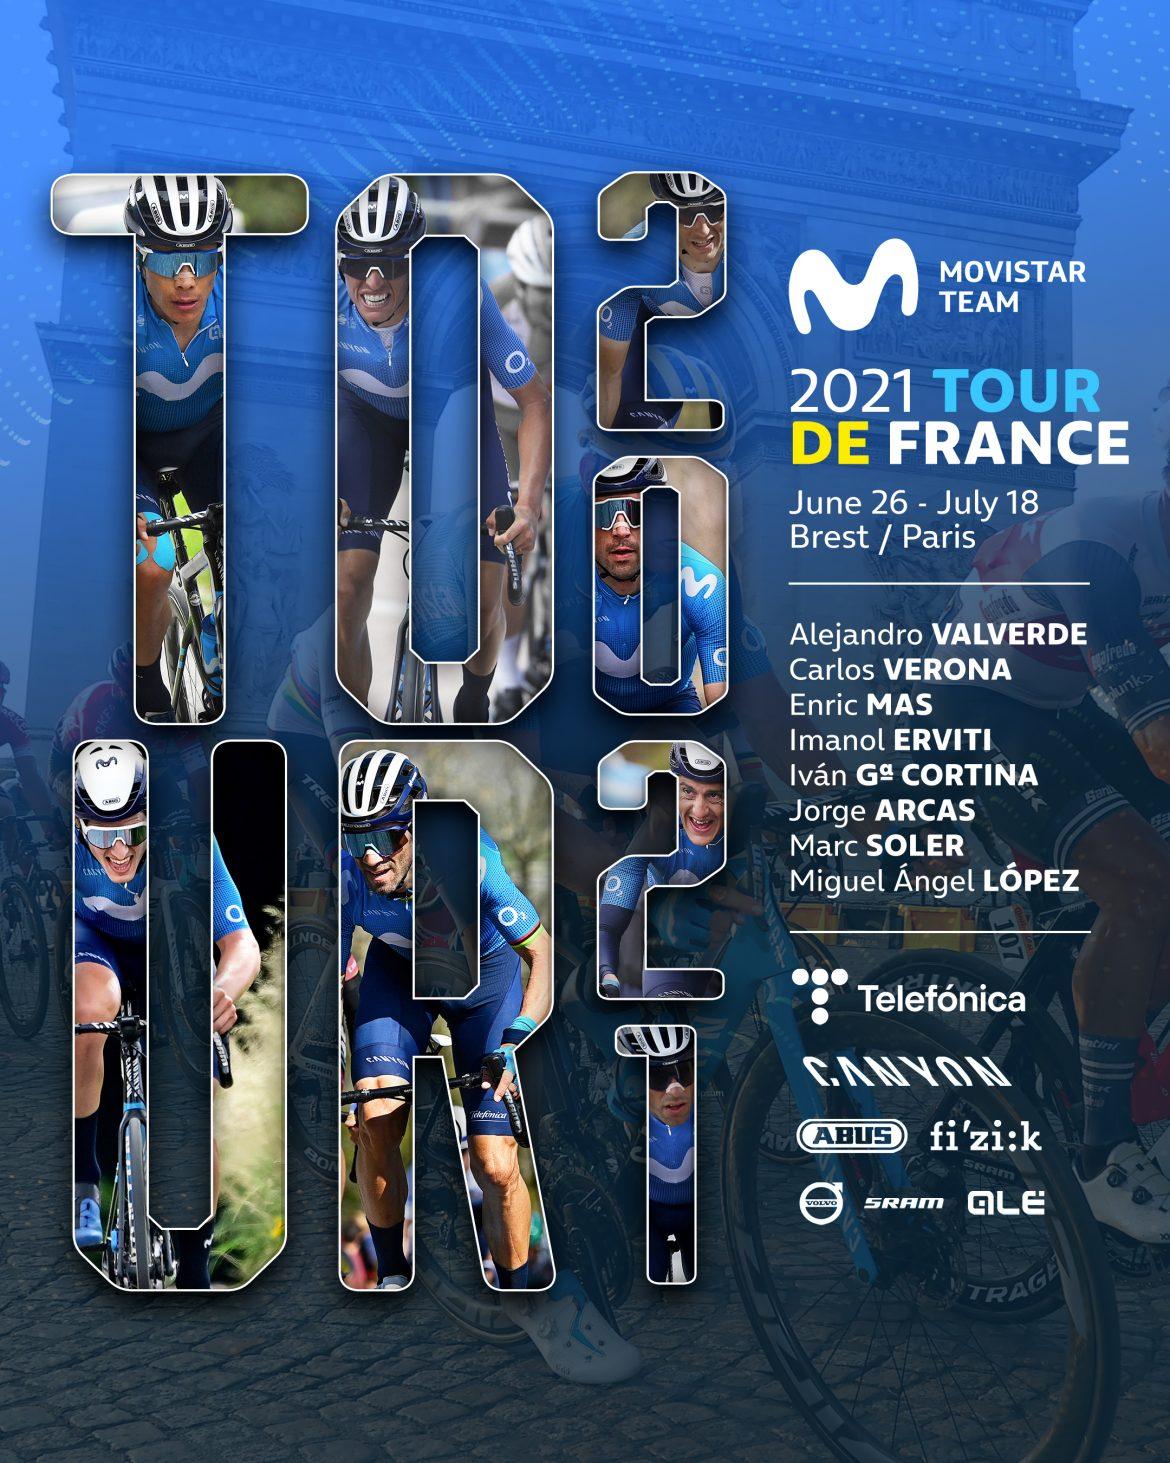 Movistar Team confirms 2021 Tour de France lineup